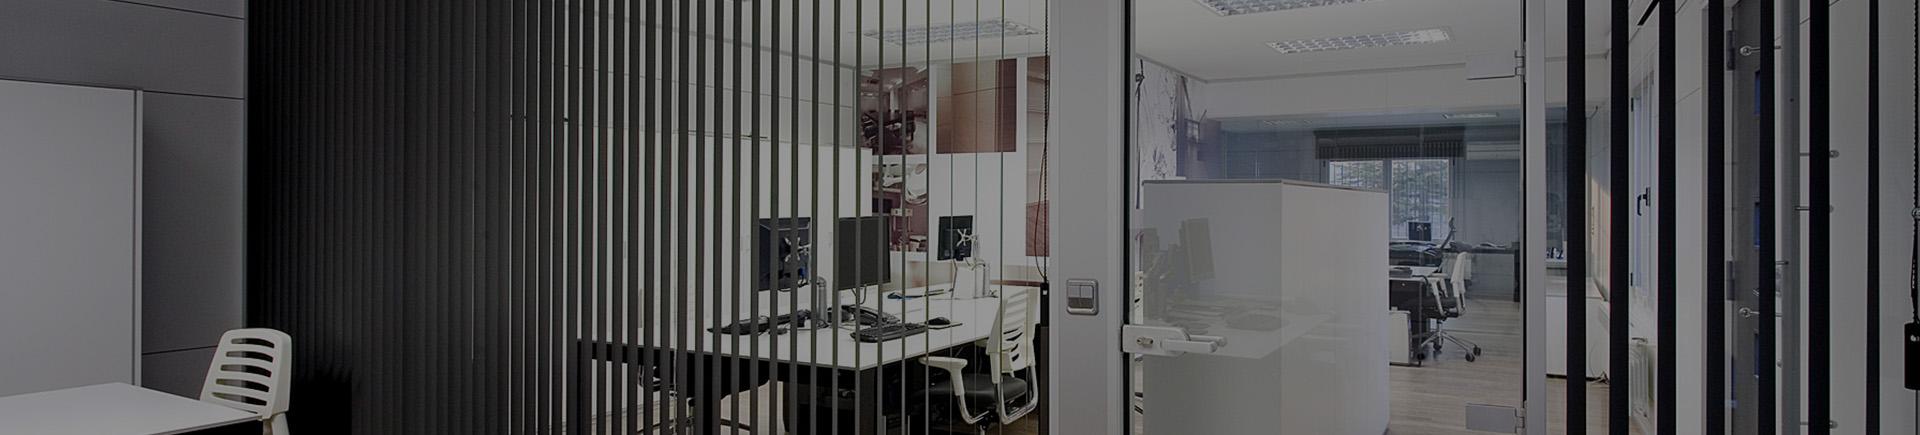 Mamparas divisorias de oficinas